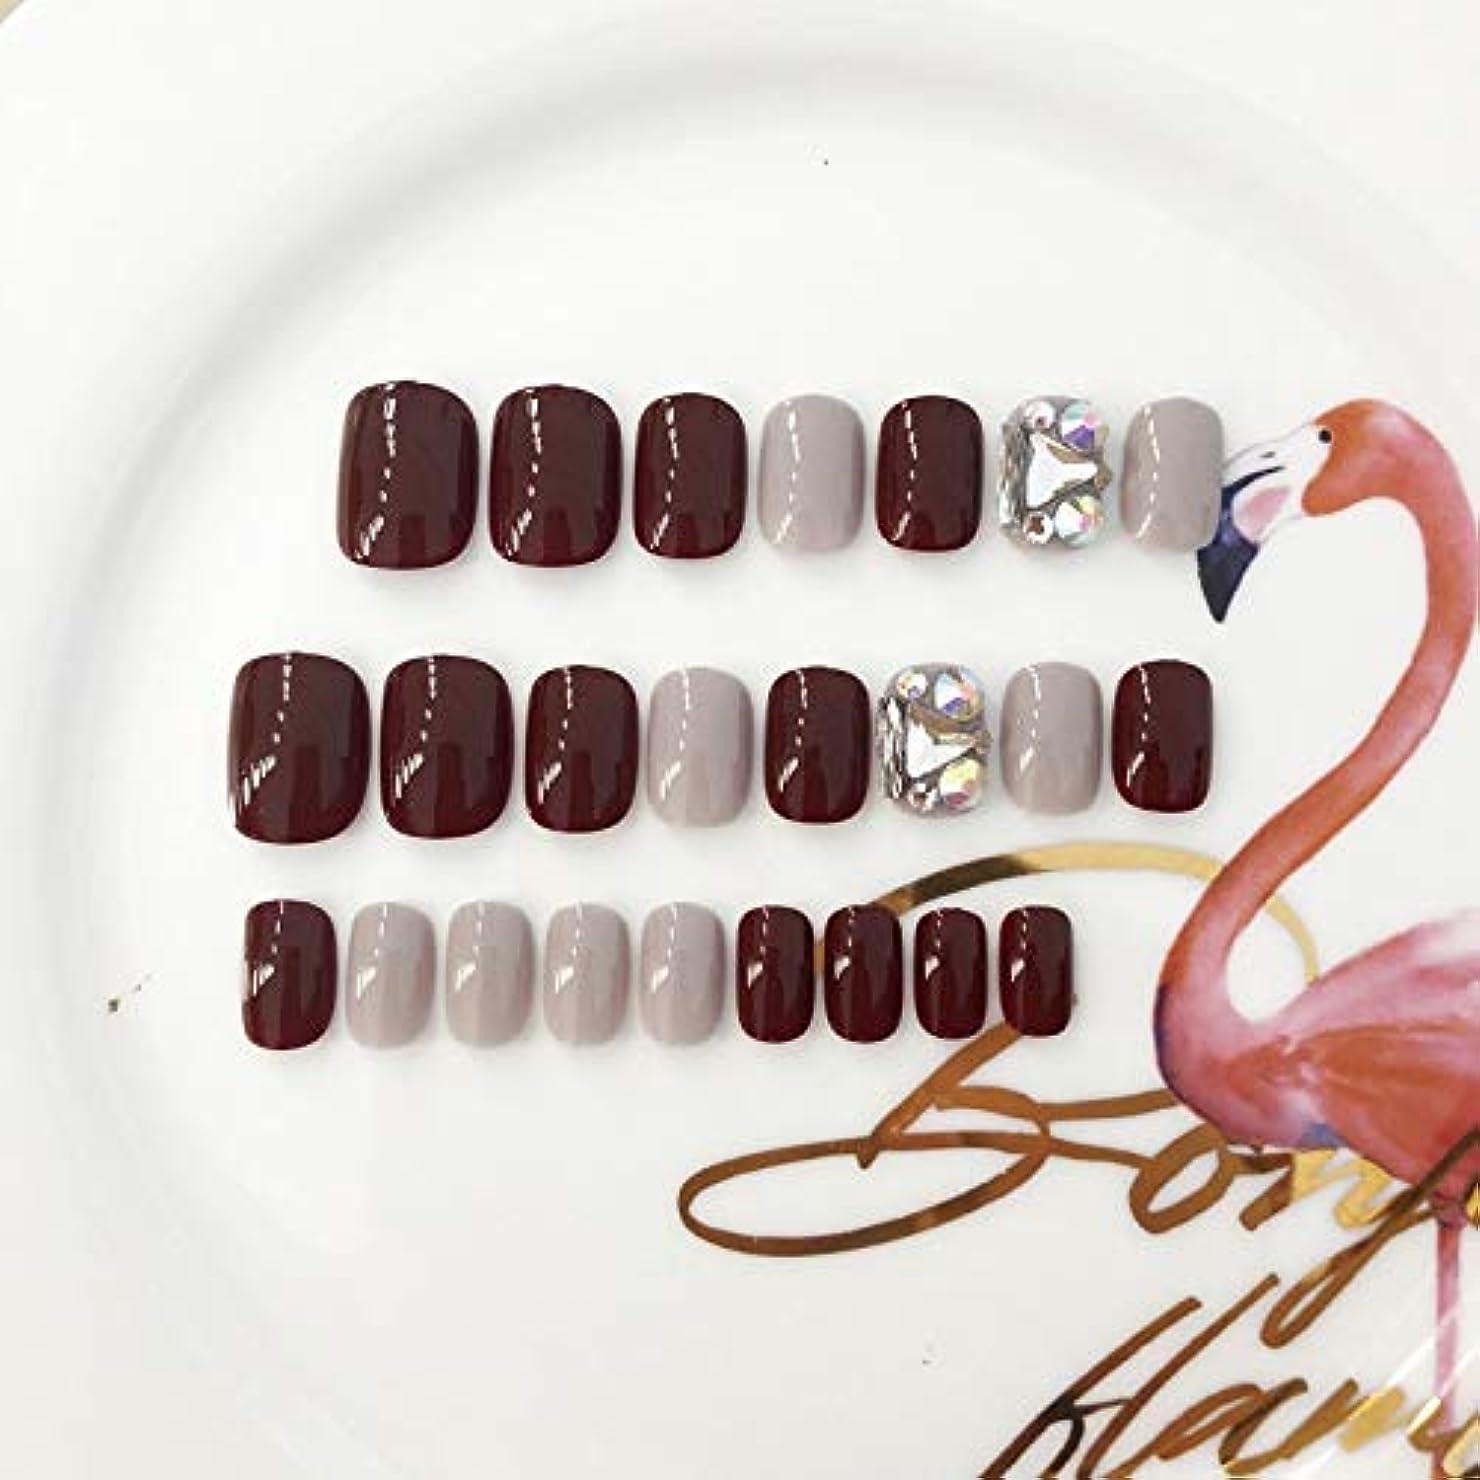 アイドル詳細に単語Jonathan ハンドケア 偽爪24個12サイズ赤とダイヤモンド赤の正方形の短い偽の爪